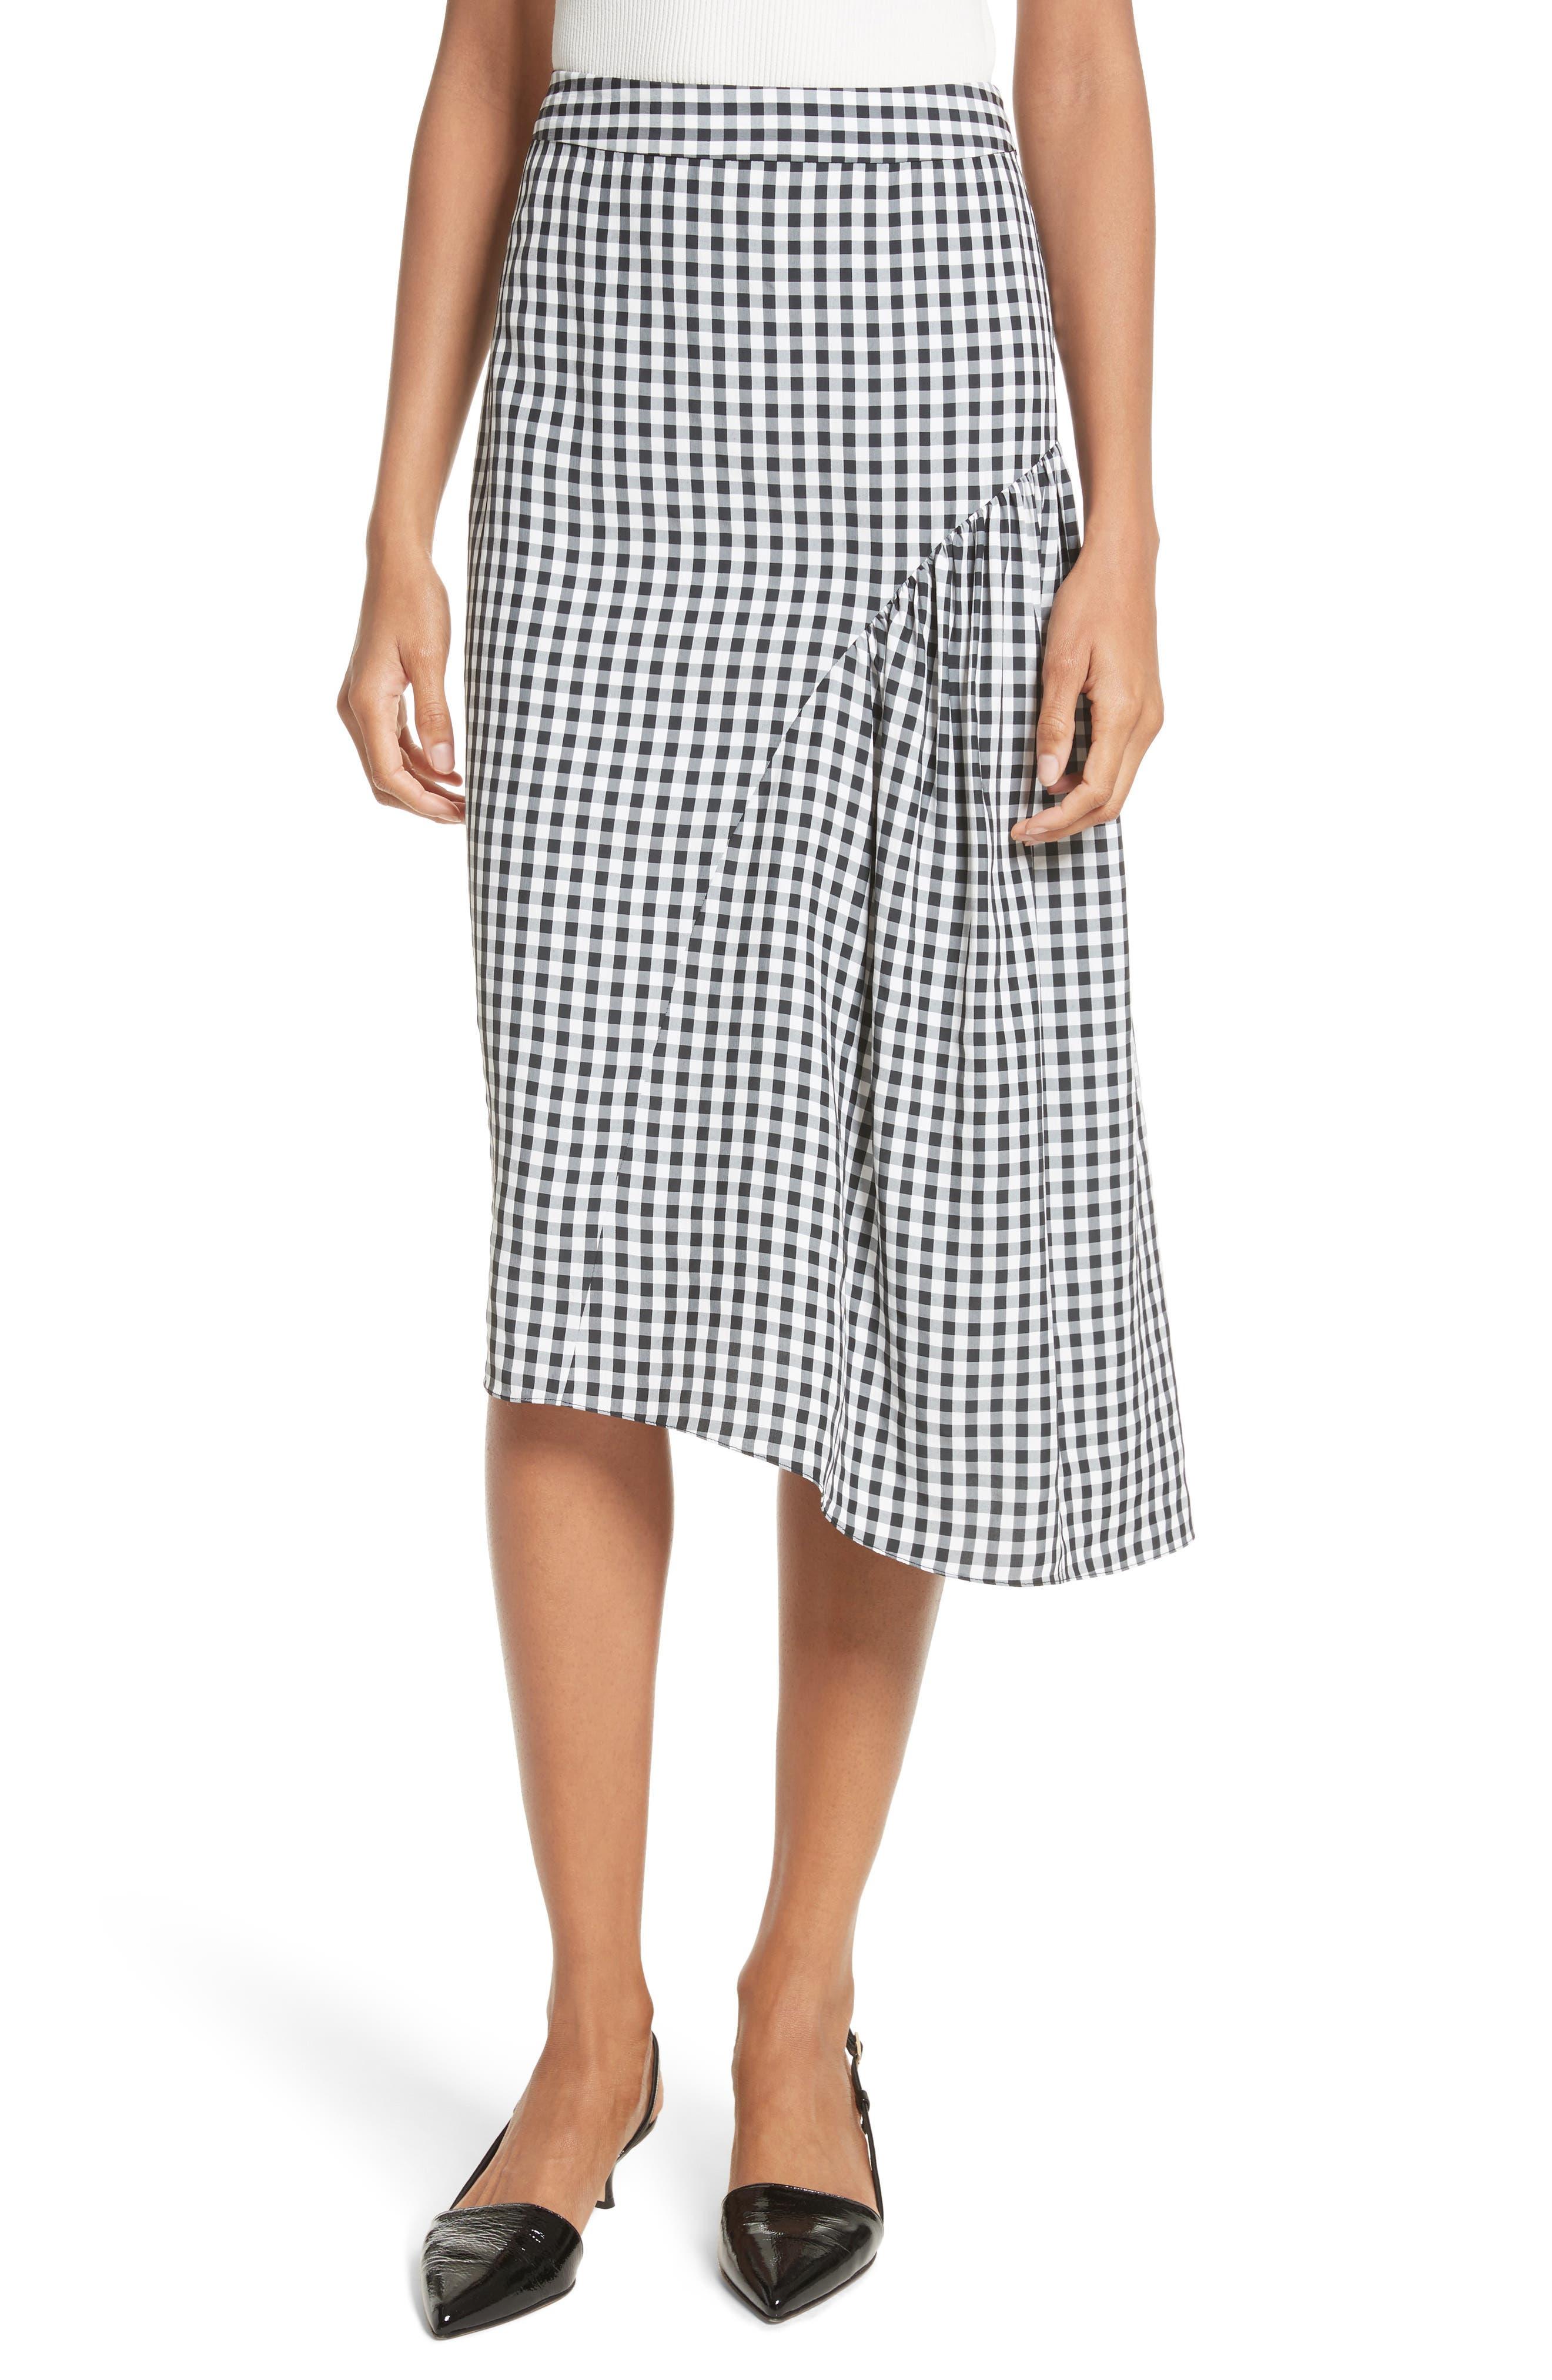 Tibi Gingham A-Line Skirt